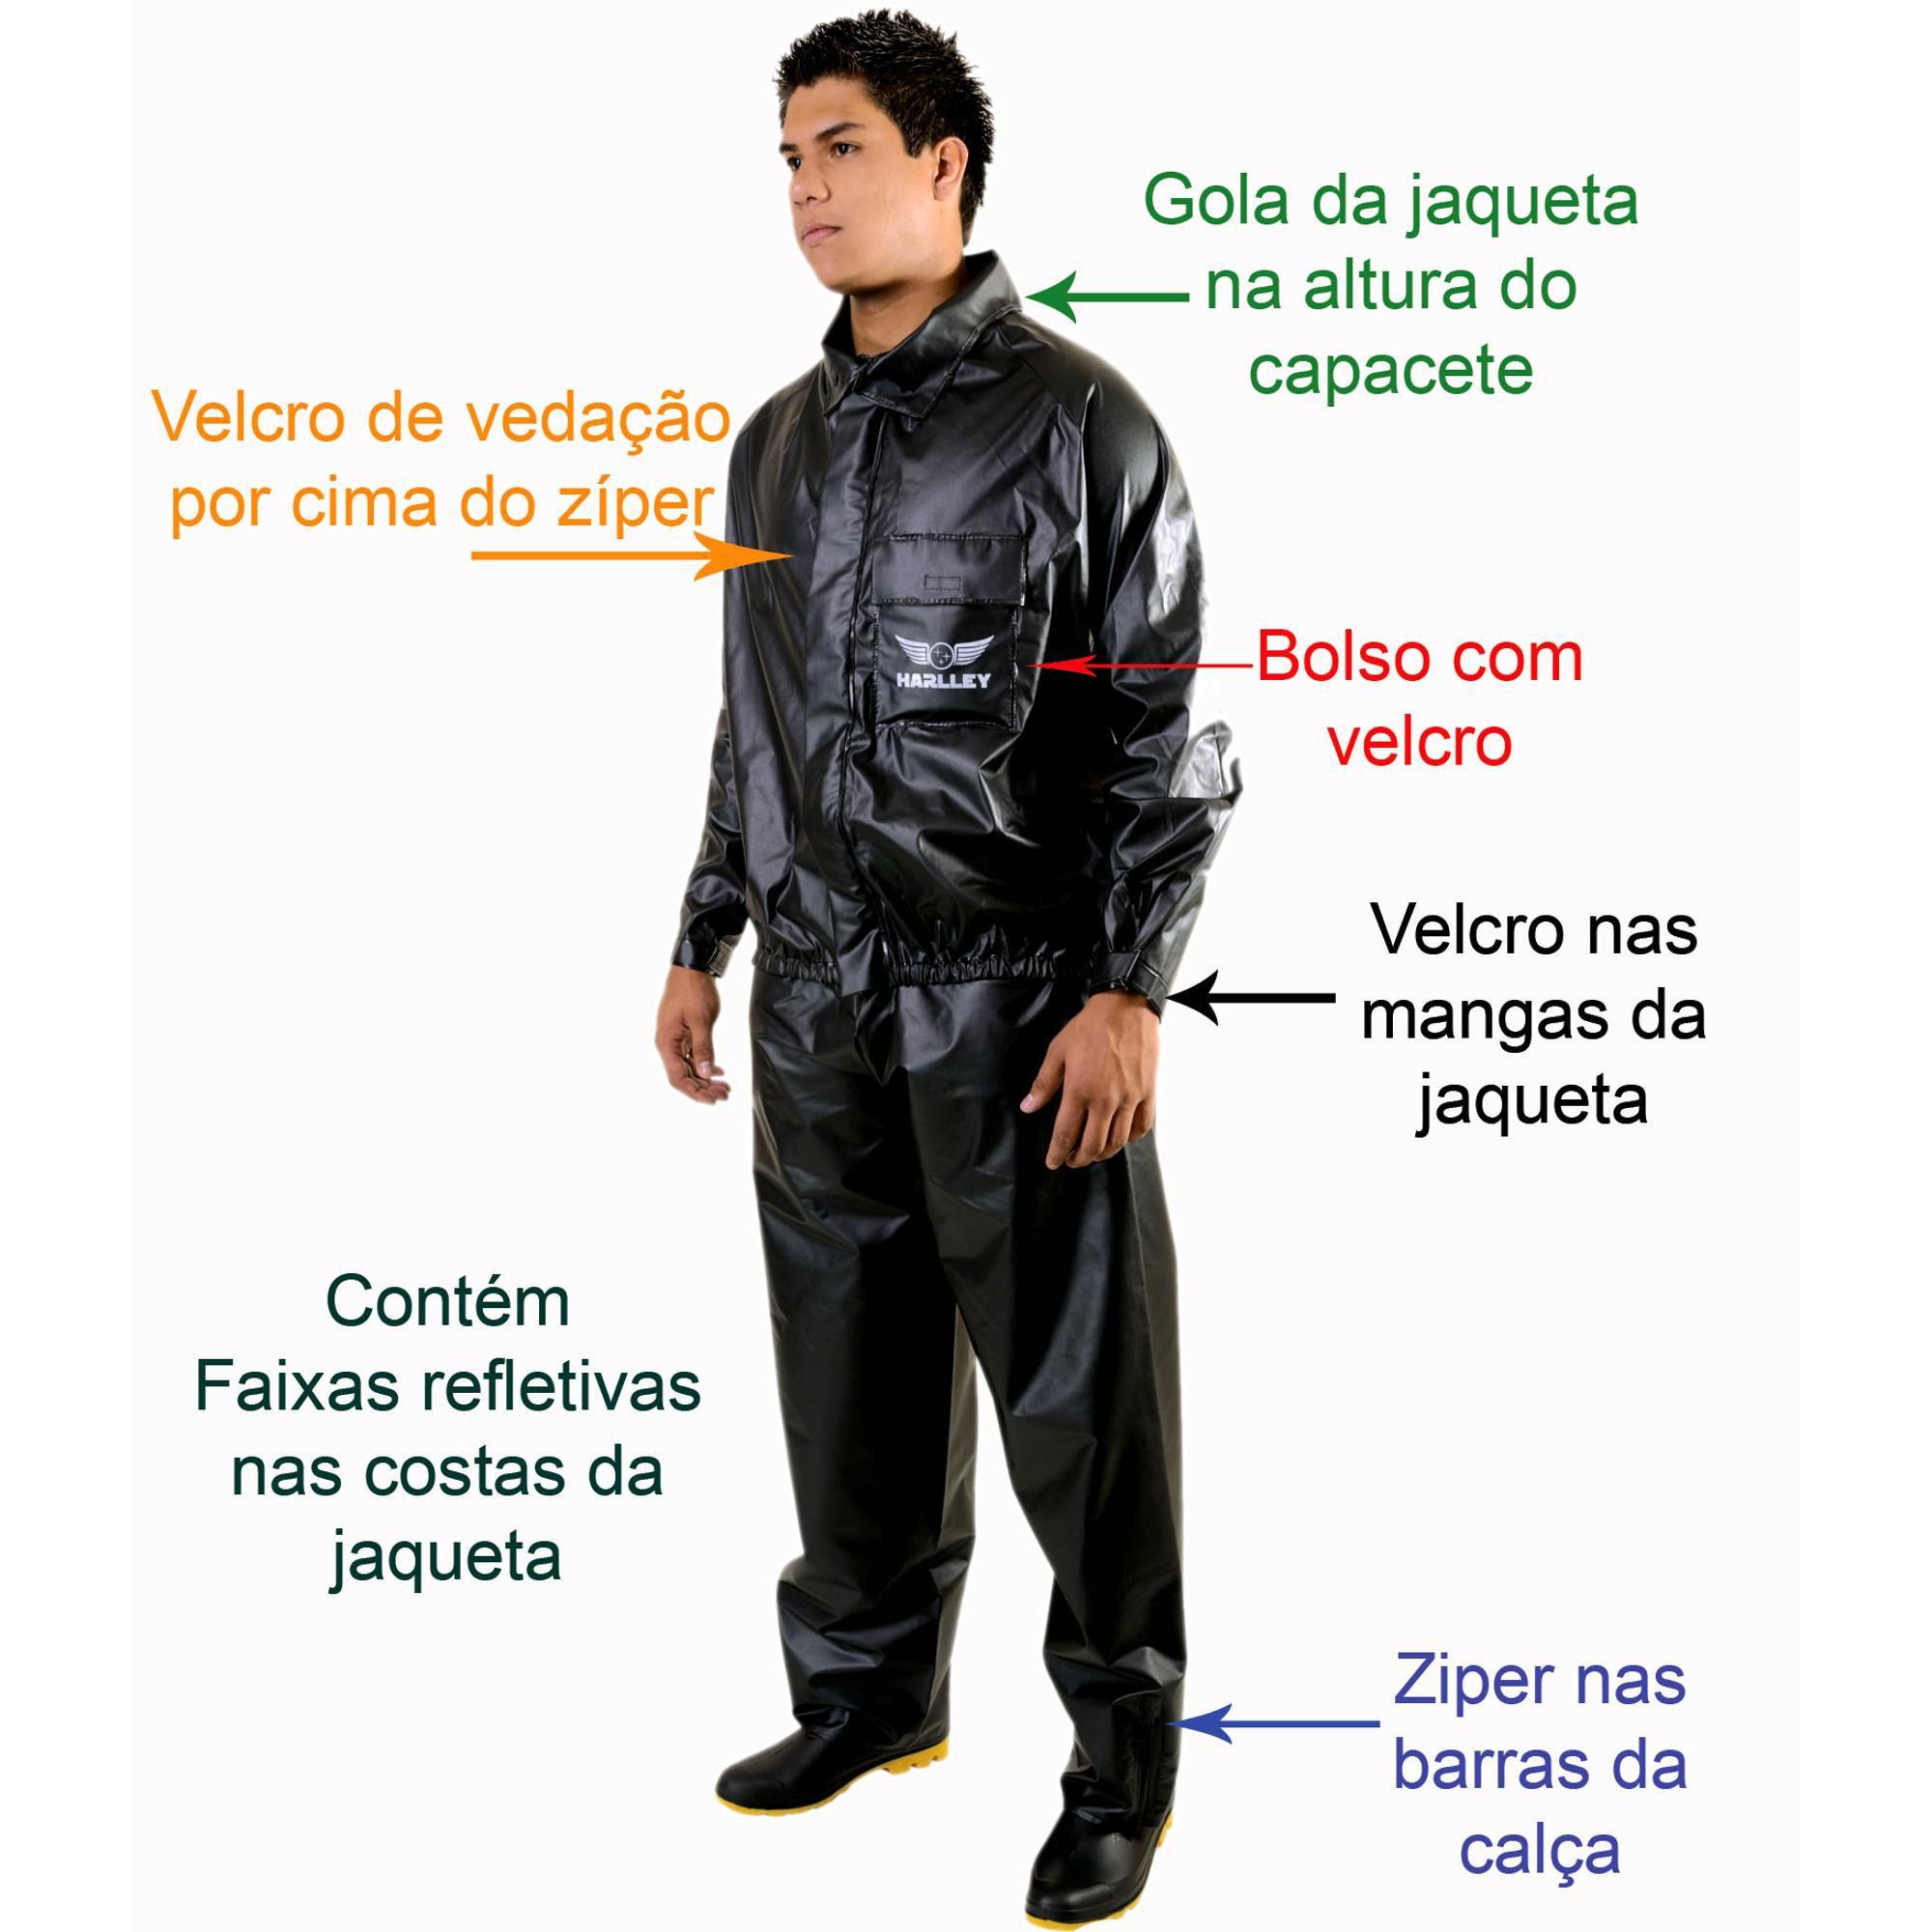 CONJUNTO IMPERMEÁVEL PVC FORRADO CALÇA E JAQUETA PRETO HARLLEY MOTOCICLISTA P  - DE PAULA EPIS